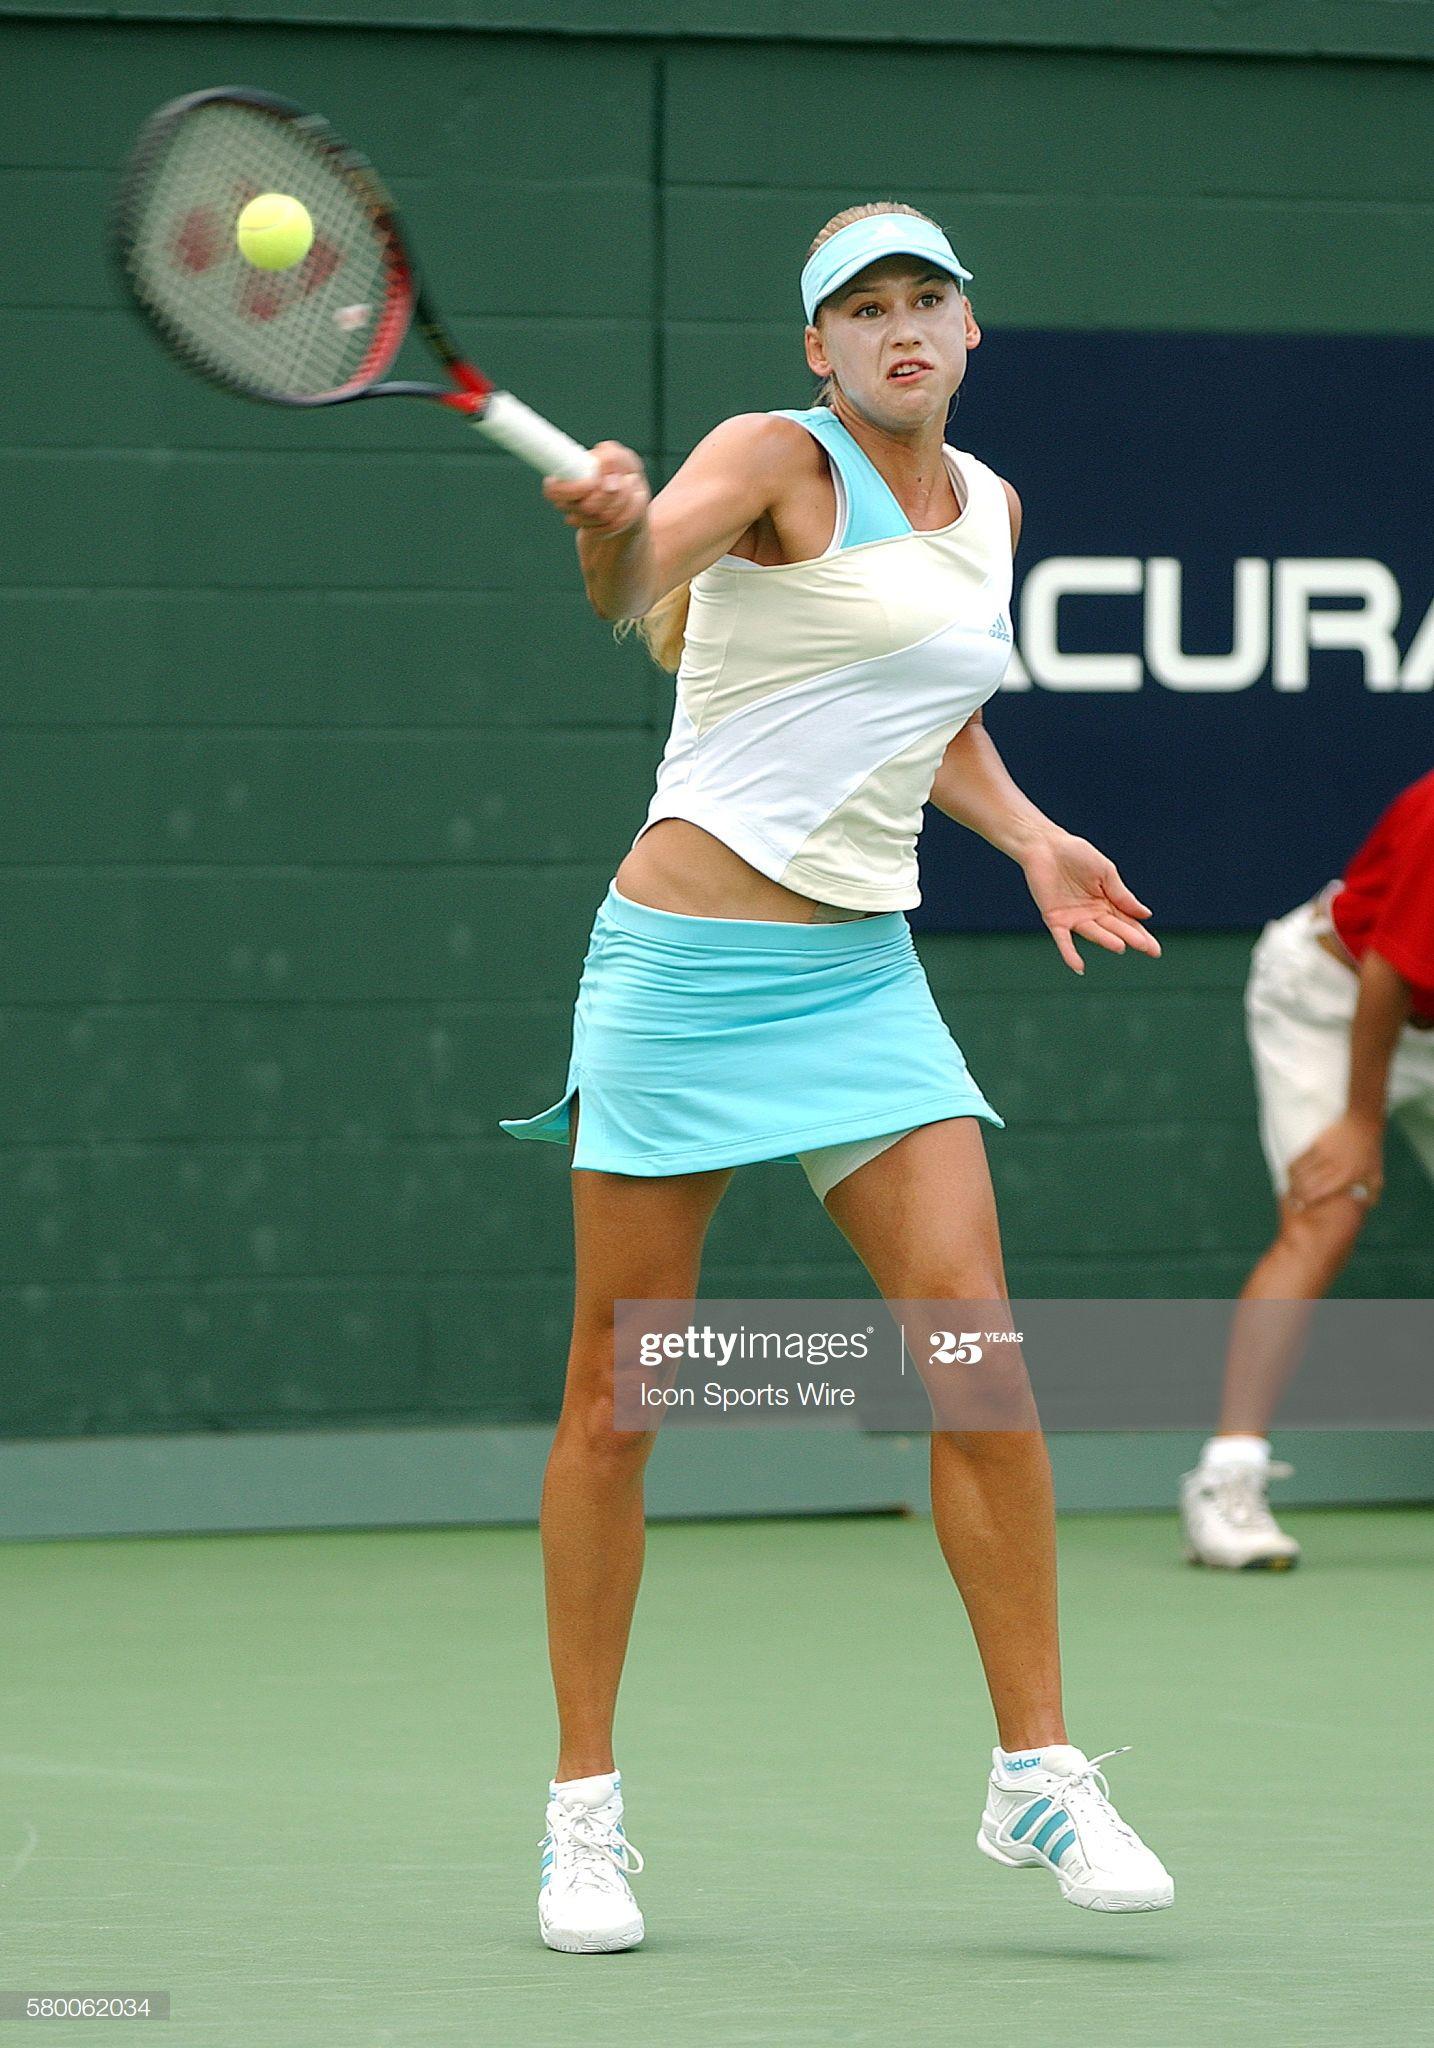 Tennis Player Stick Figure Man Racket Racquet Pose Posture Etsy In 2020 Tennis Art Tennis Tennis Players